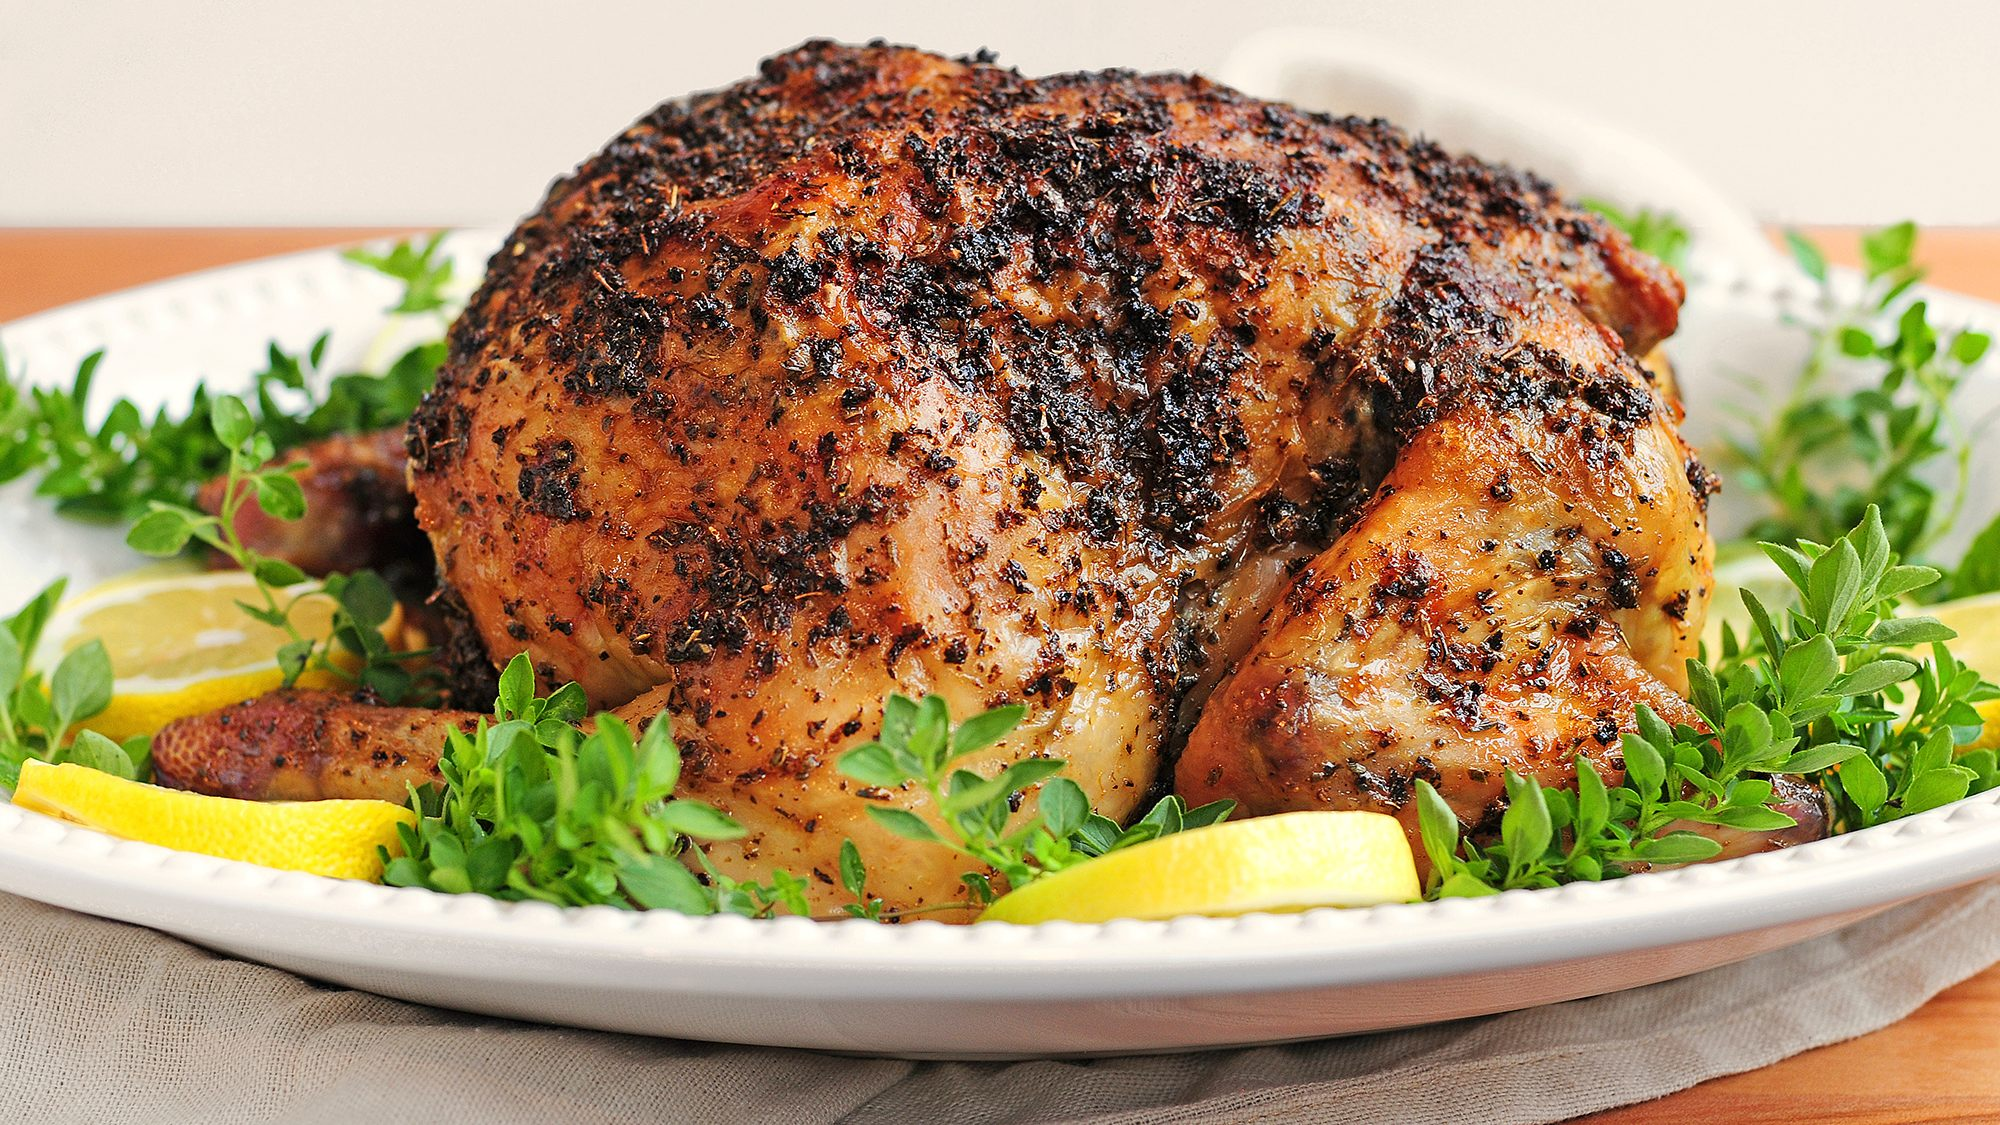 greek-roasted-chicken-she-wears-many-hats.jpg